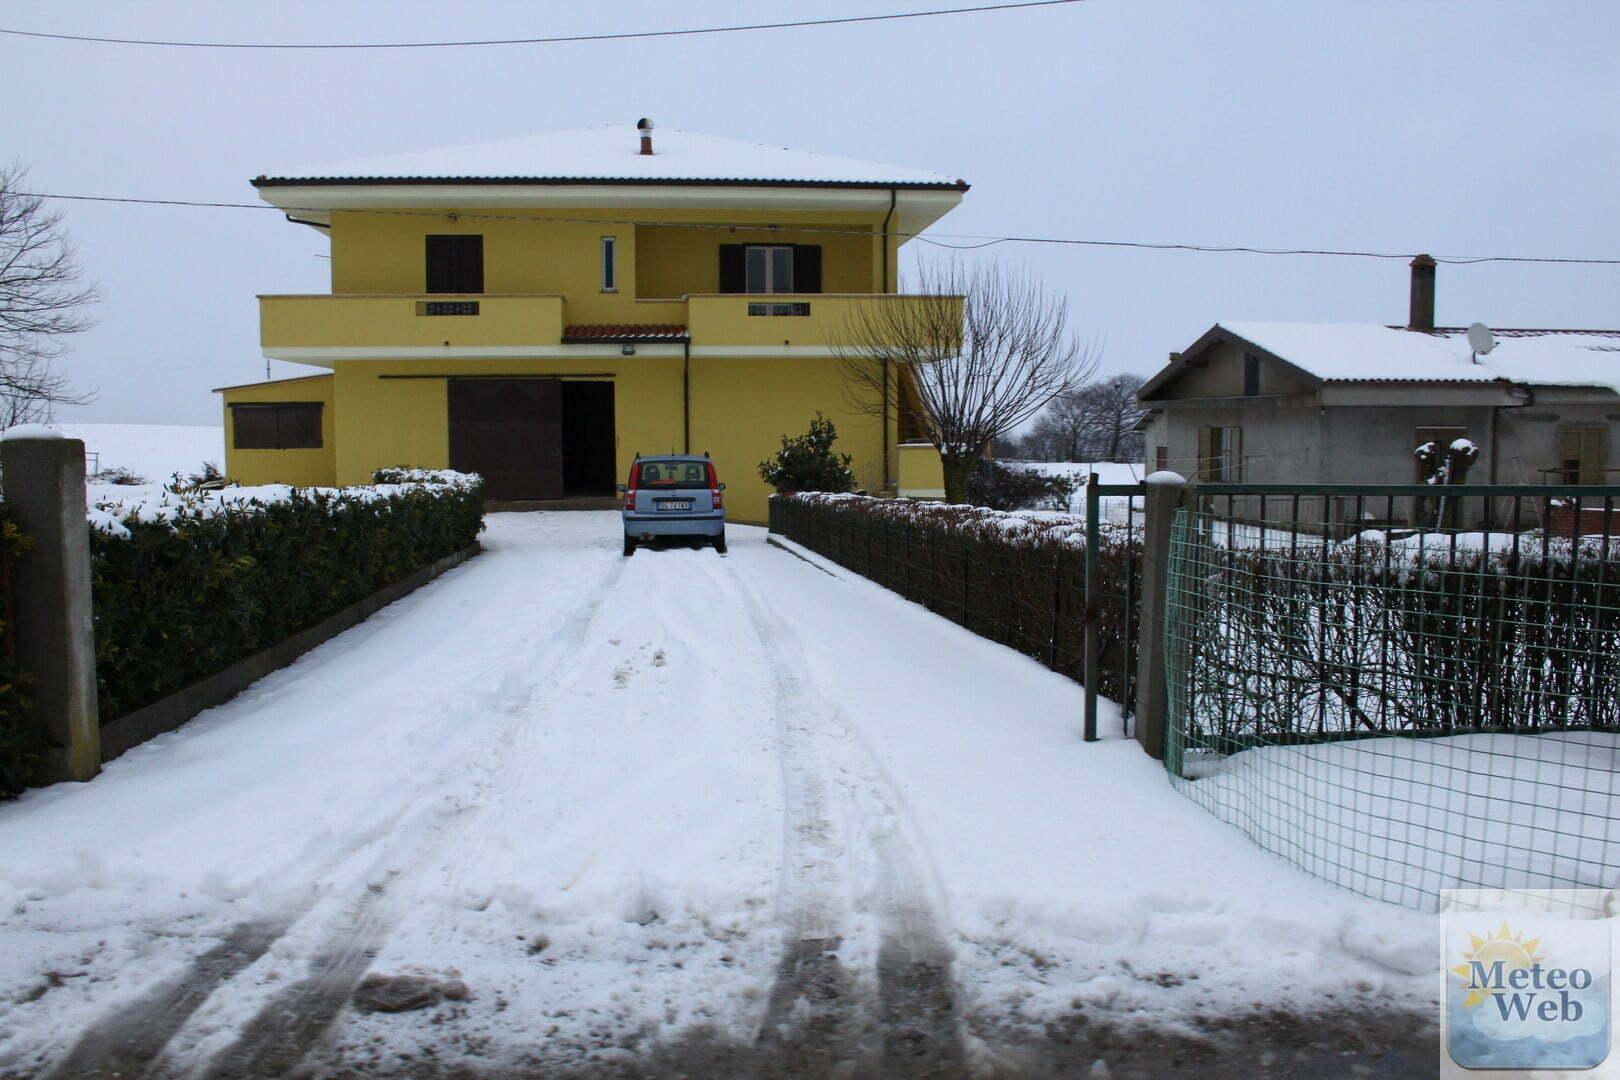 Maltempo le nevicate di oggi nel vibonese foto e video for Il vibonese cronaca di oggi